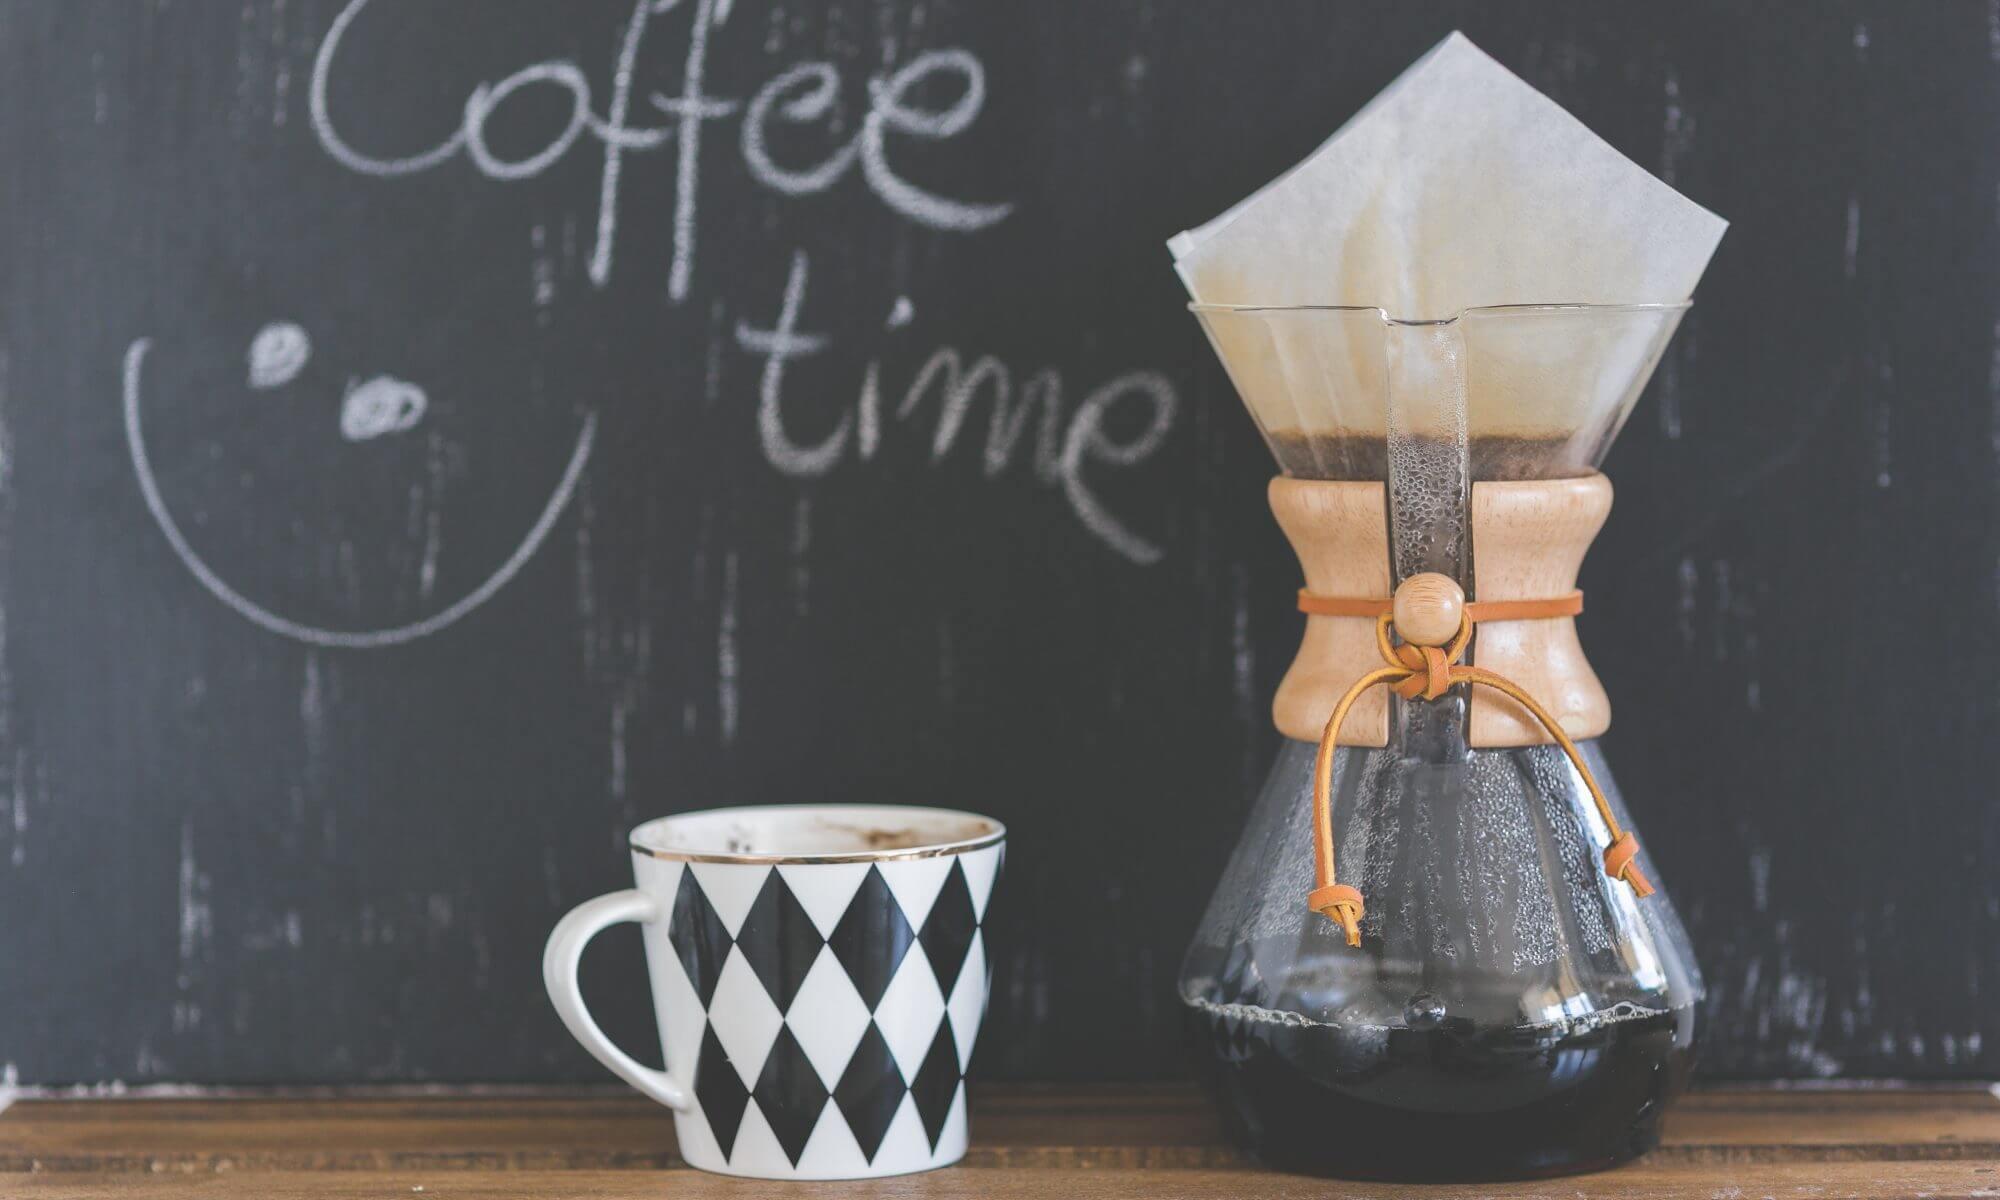 【最新版】相席カフェは素敵な出会いの場?ロハス銀座を徹底解説!